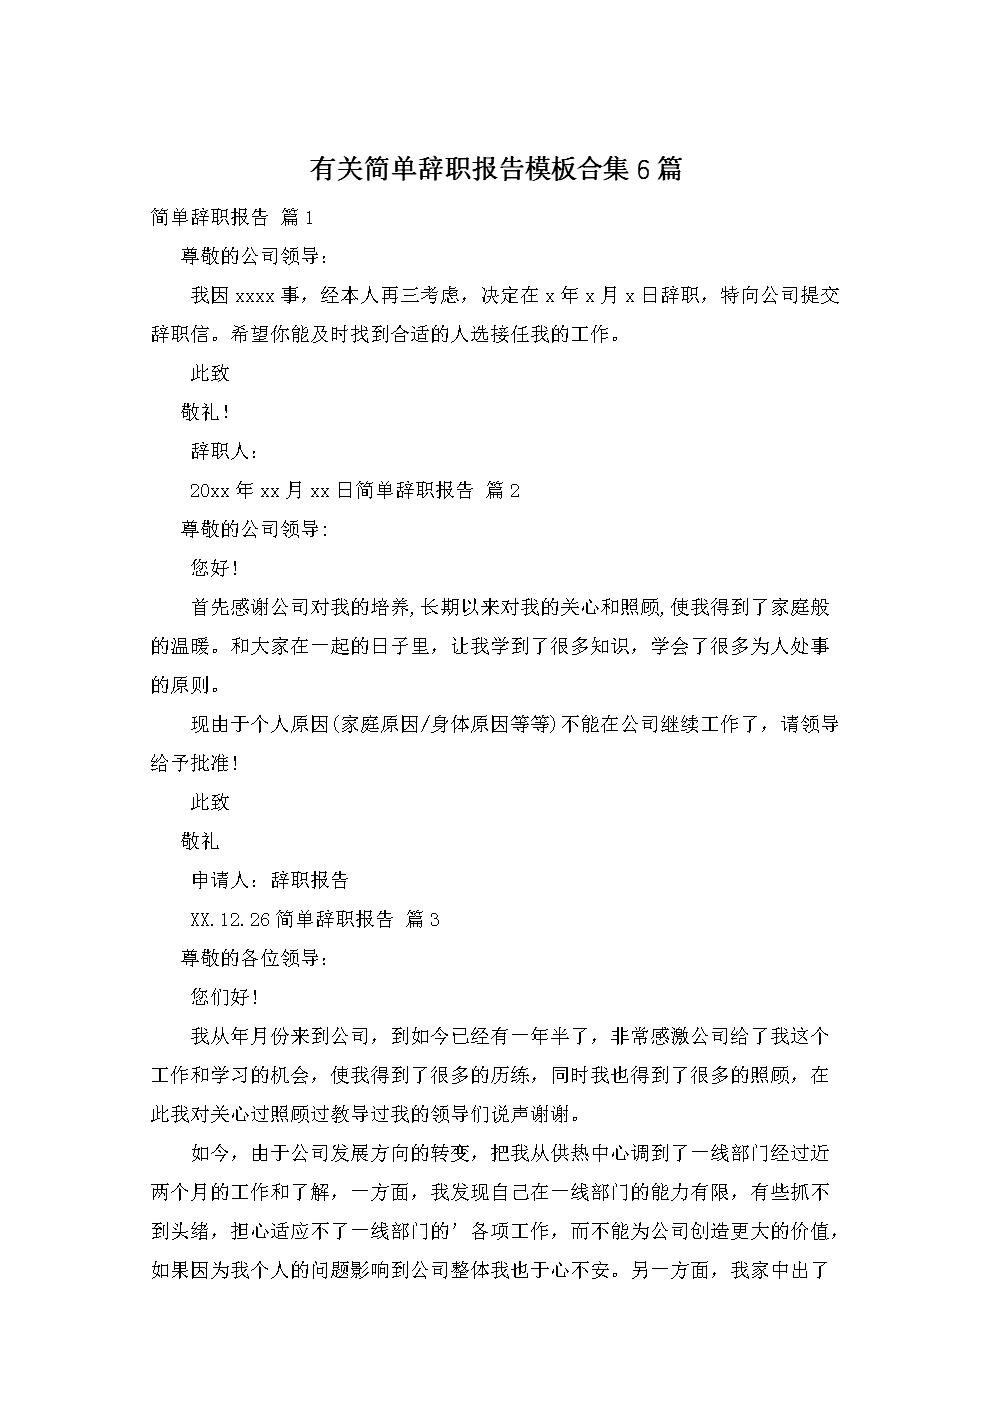 简单辞职报告模板合集6篇.doc